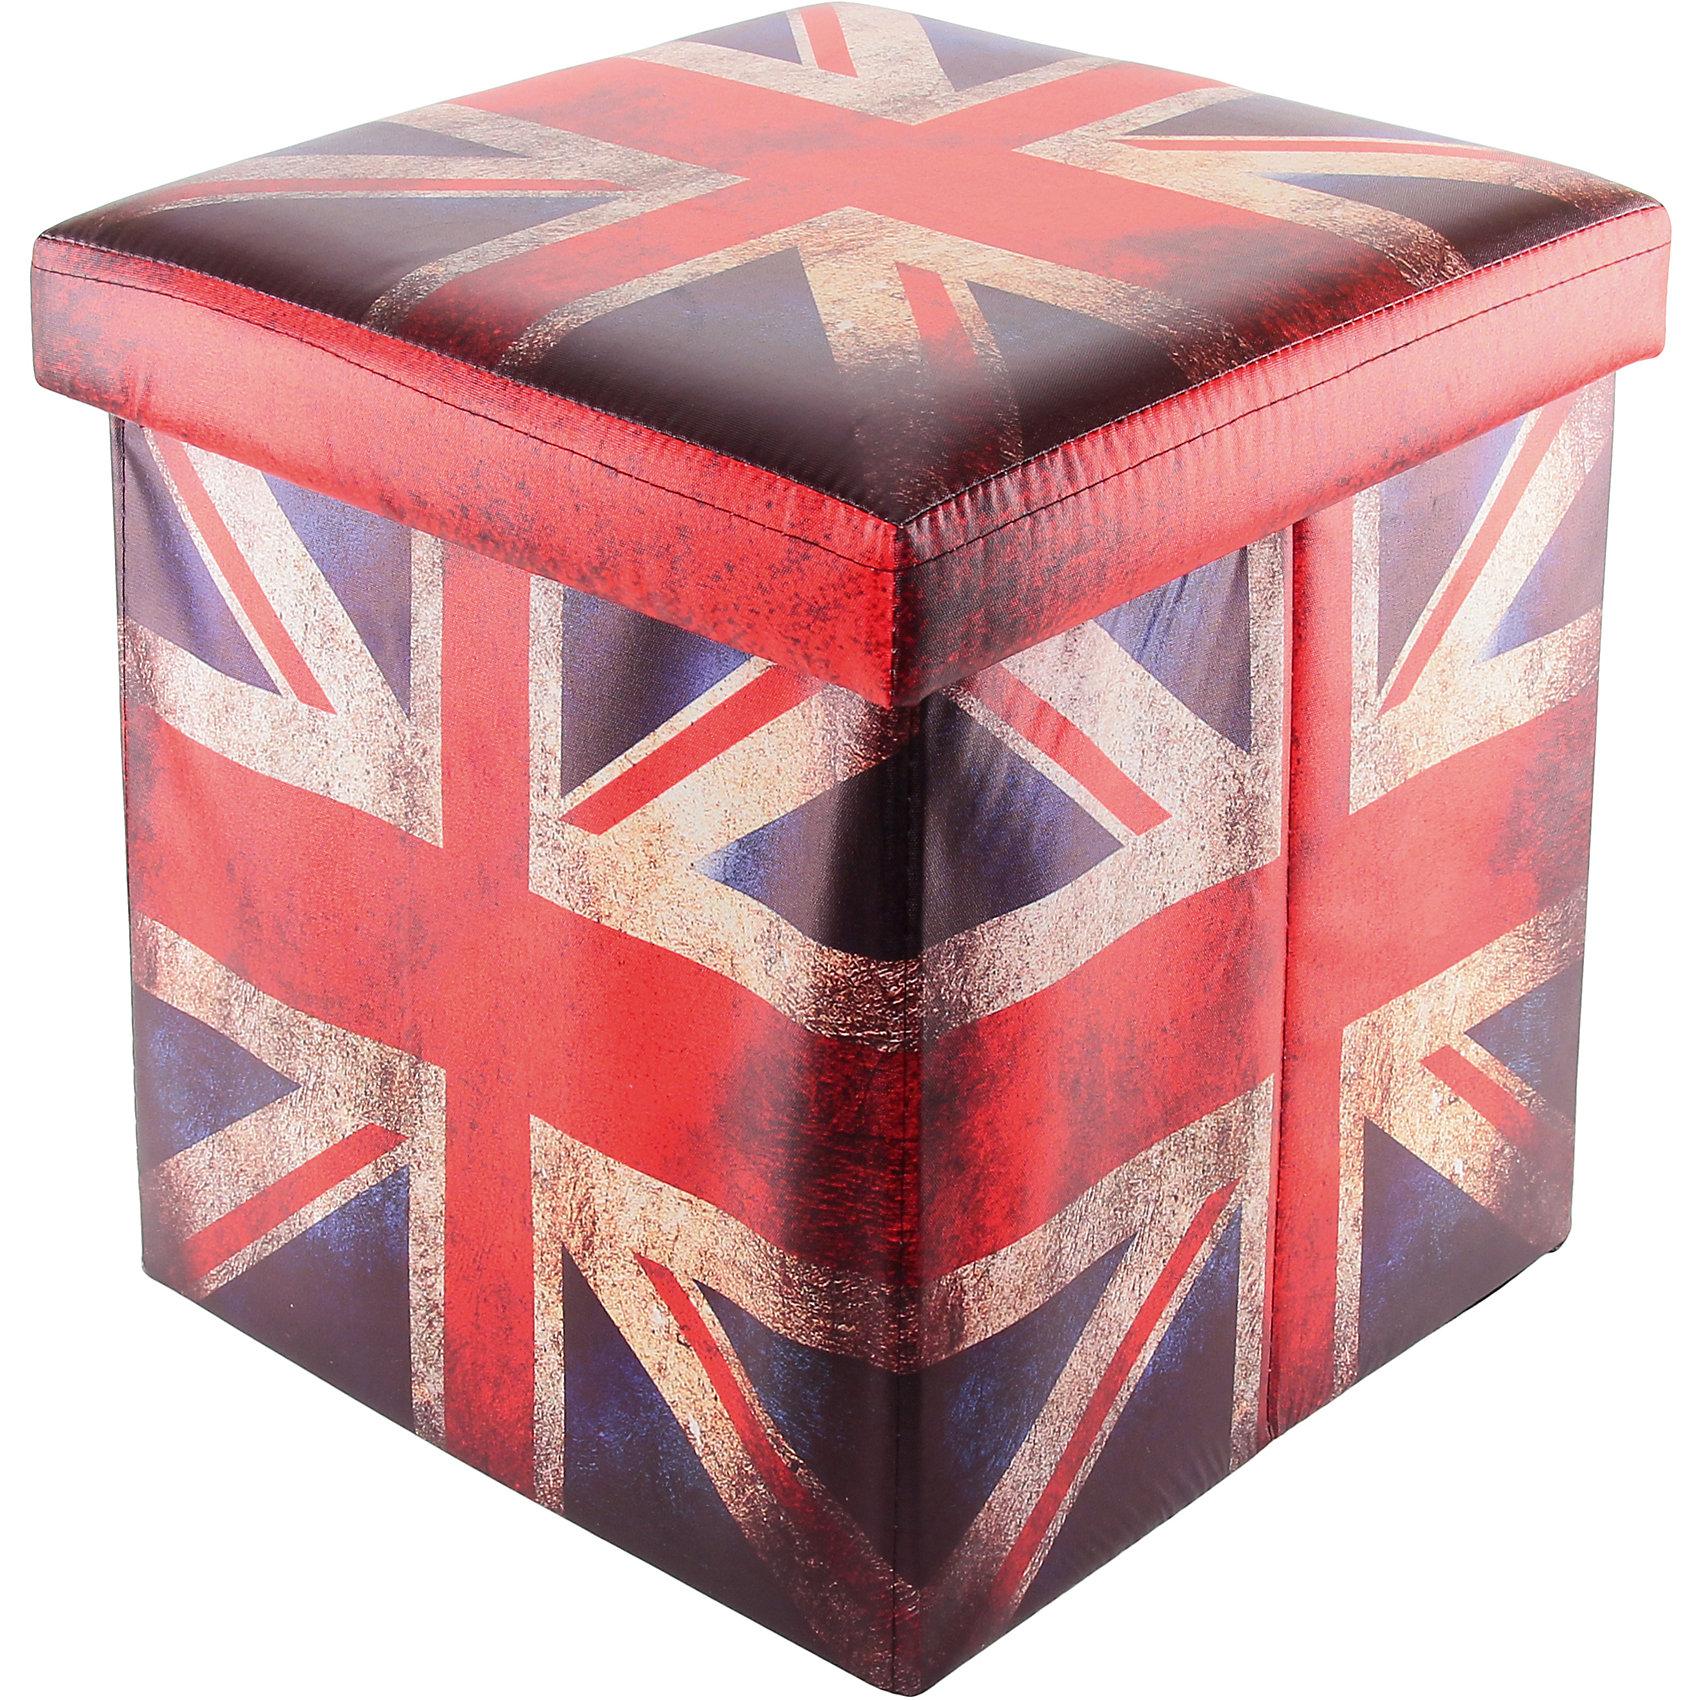 Пуф складной с ящиком для хранения 35*35*35 см. Британский флаг, EL CasaПорядок в детской<br>Пуф, выполненный в популярном стиле Британский флаг понравится всем ценителям  оригинальных вещей . Благодаря удобной конструкции складывается и раскладывается одним движением. Его легко хранить и перевозить.<br><br>Ширина мм: 350<br>Глубина мм: 350<br>Высота мм: 50<br>Вес г: 1250<br>Возраст от месяцев: 0<br>Возраст до месяцев: 1188<br>Пол: Унисекс<br>Возраст: Детский<br>SKU: 6668674